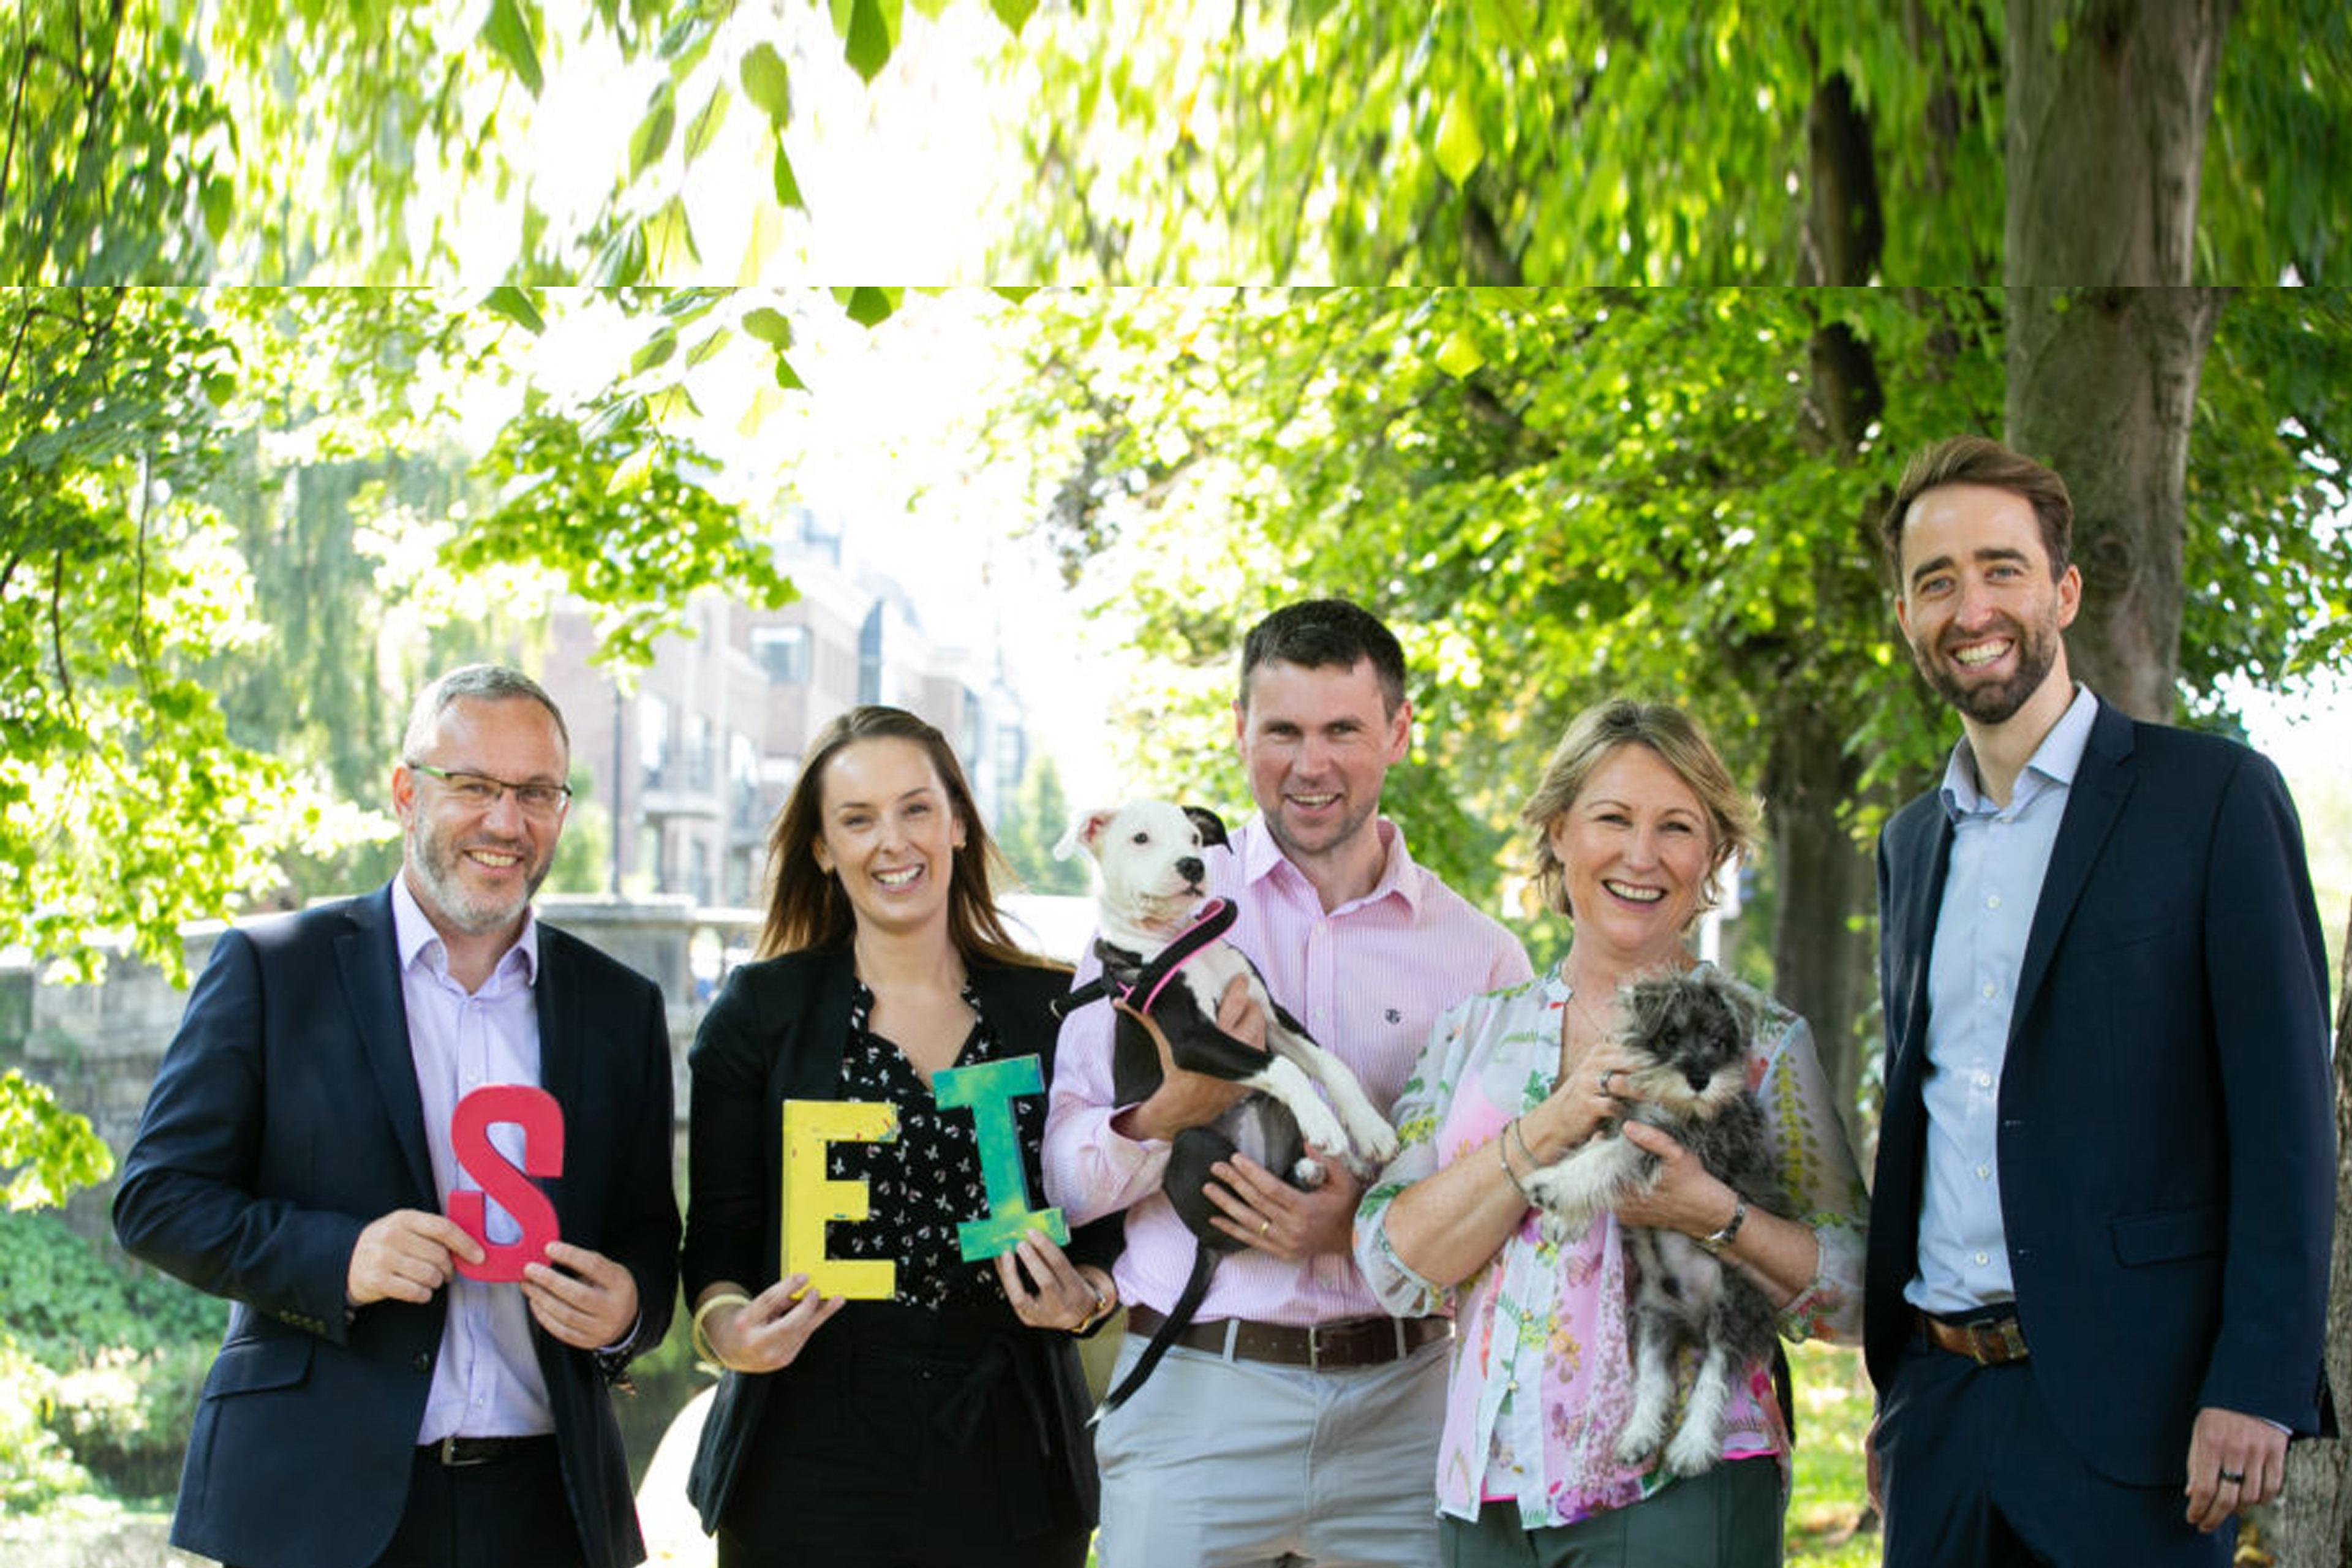 EY Entrepreneur Of The Year – Social Entrepreneurs Ireland Sponsorship